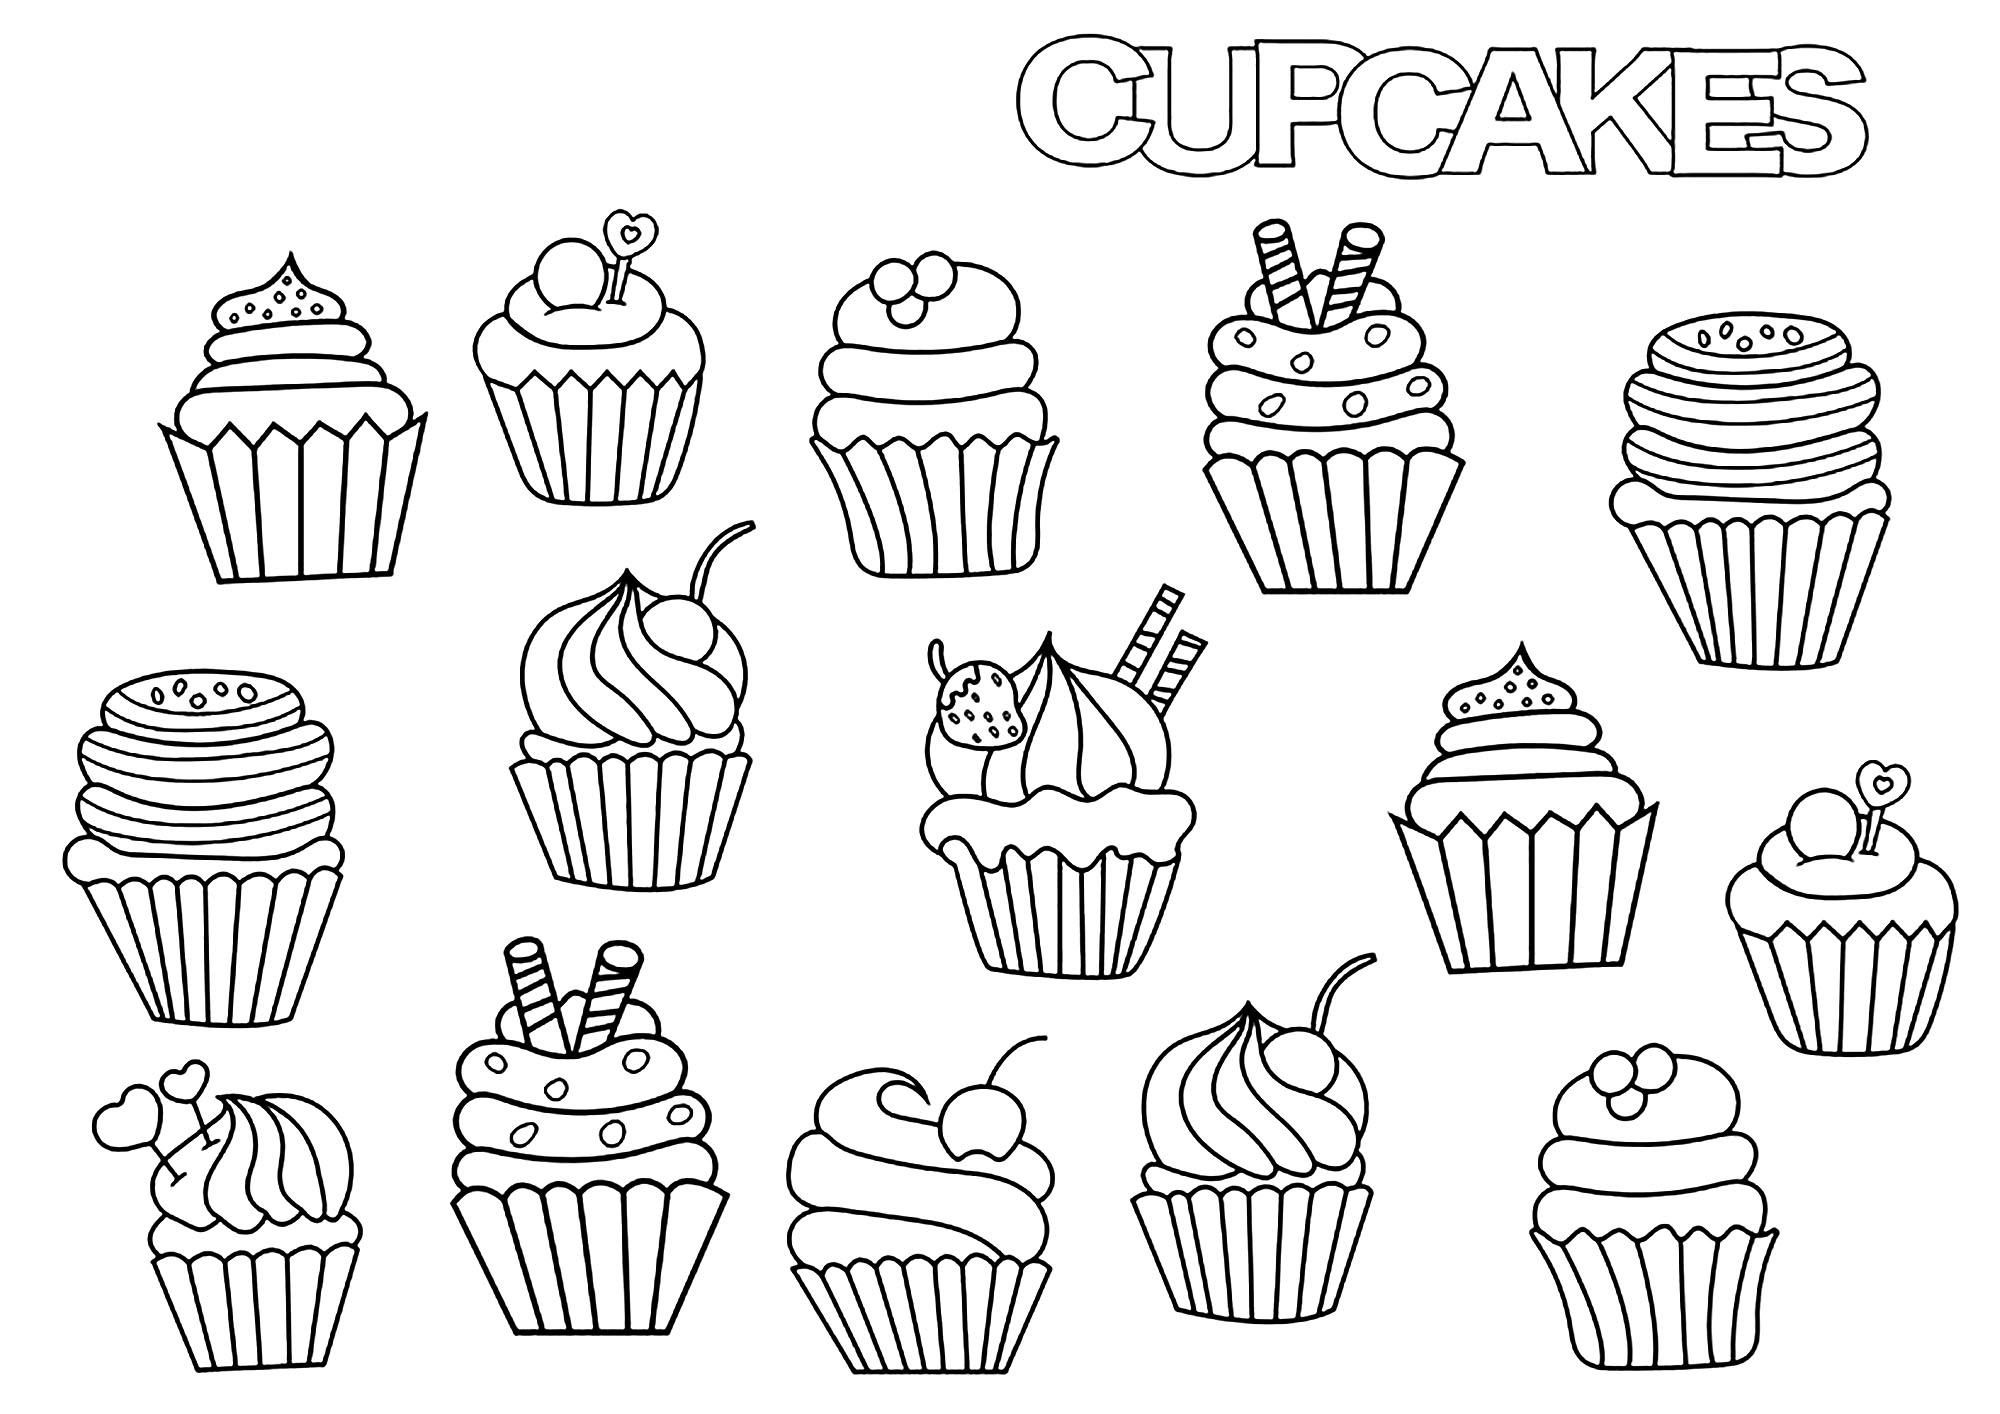 Disegni da Colorare per Adulti : Cup Cakes - 10